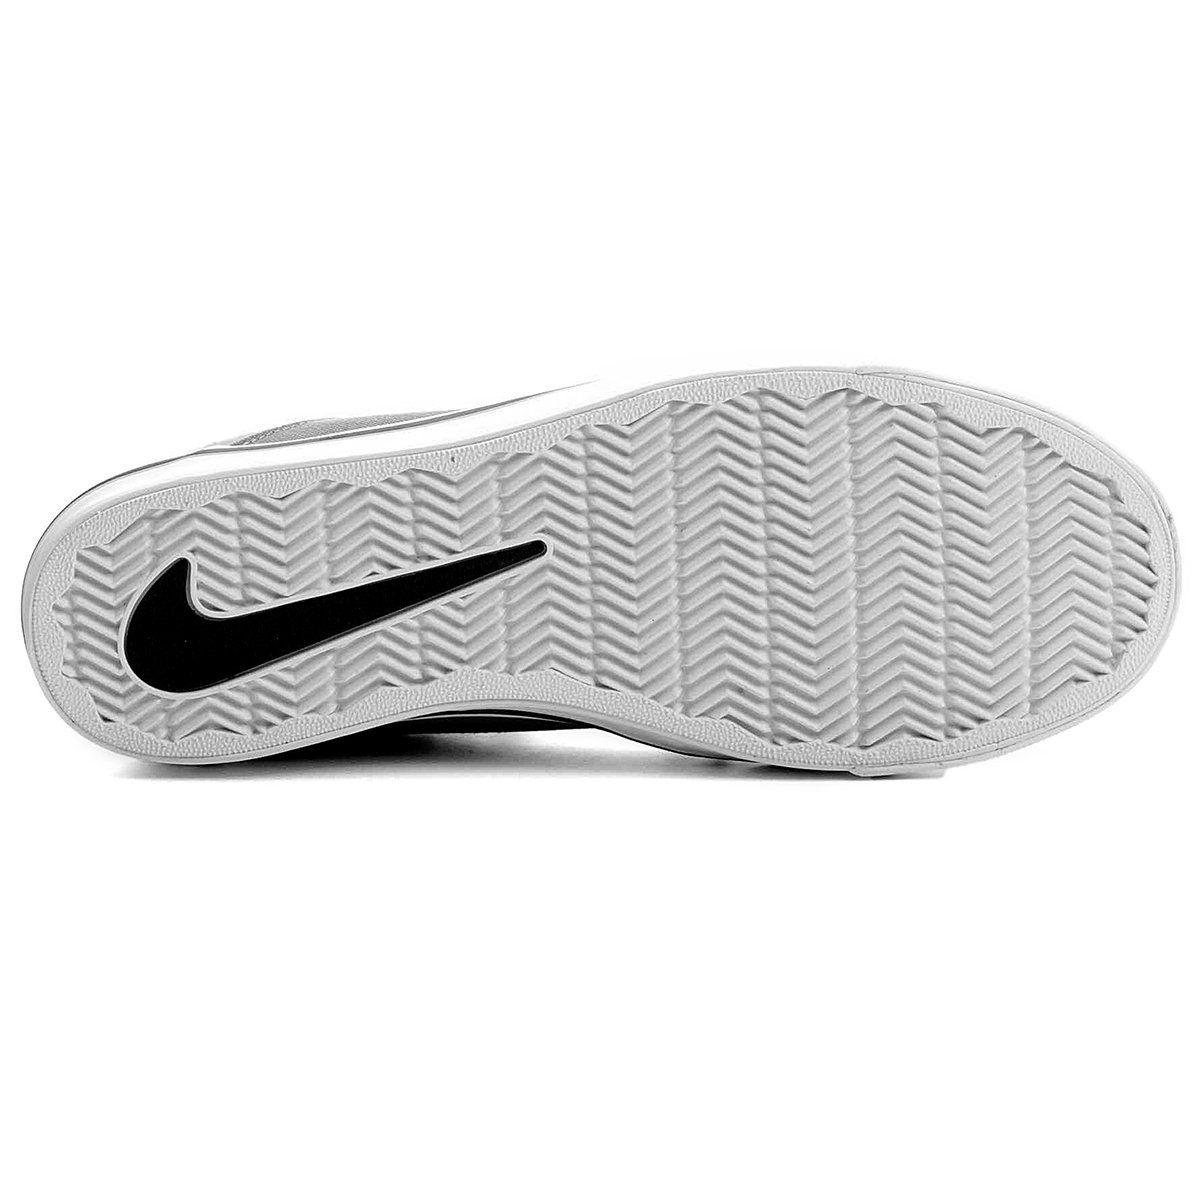 4f70166d36b Tênis Nike SB Portmore Cinza e Branco - Linha Esporte